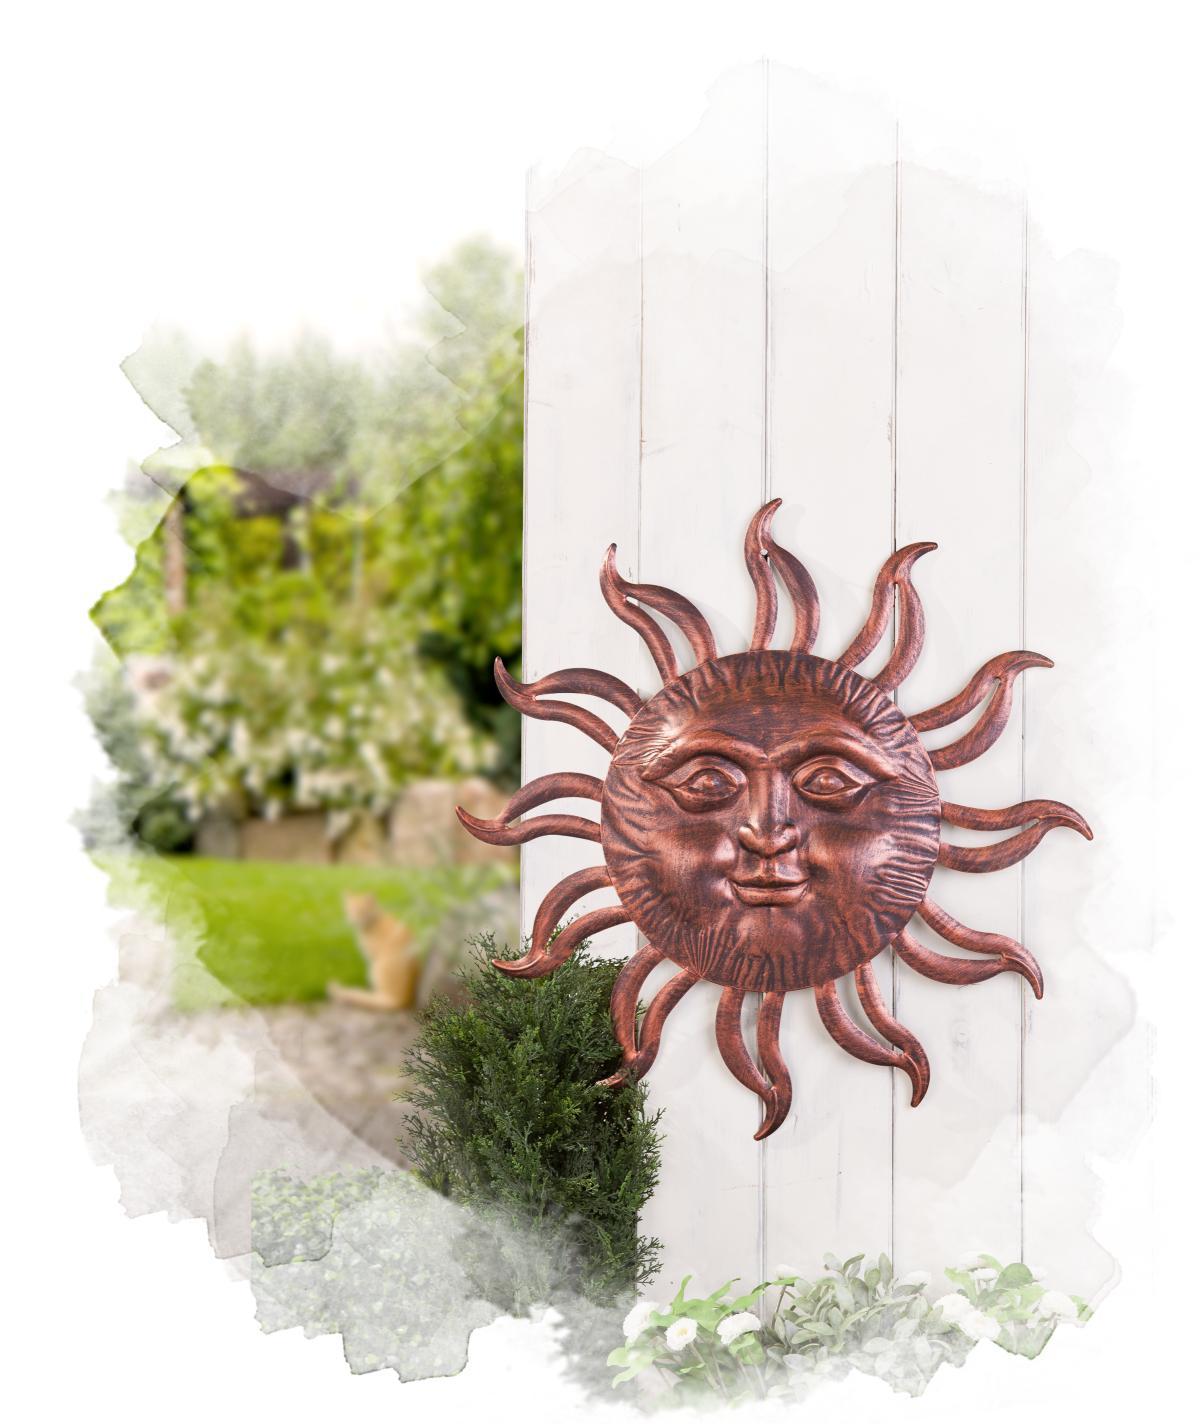 Wanddekoration - Sonne - aus Metall - Ø = 61 cm günstig online ...